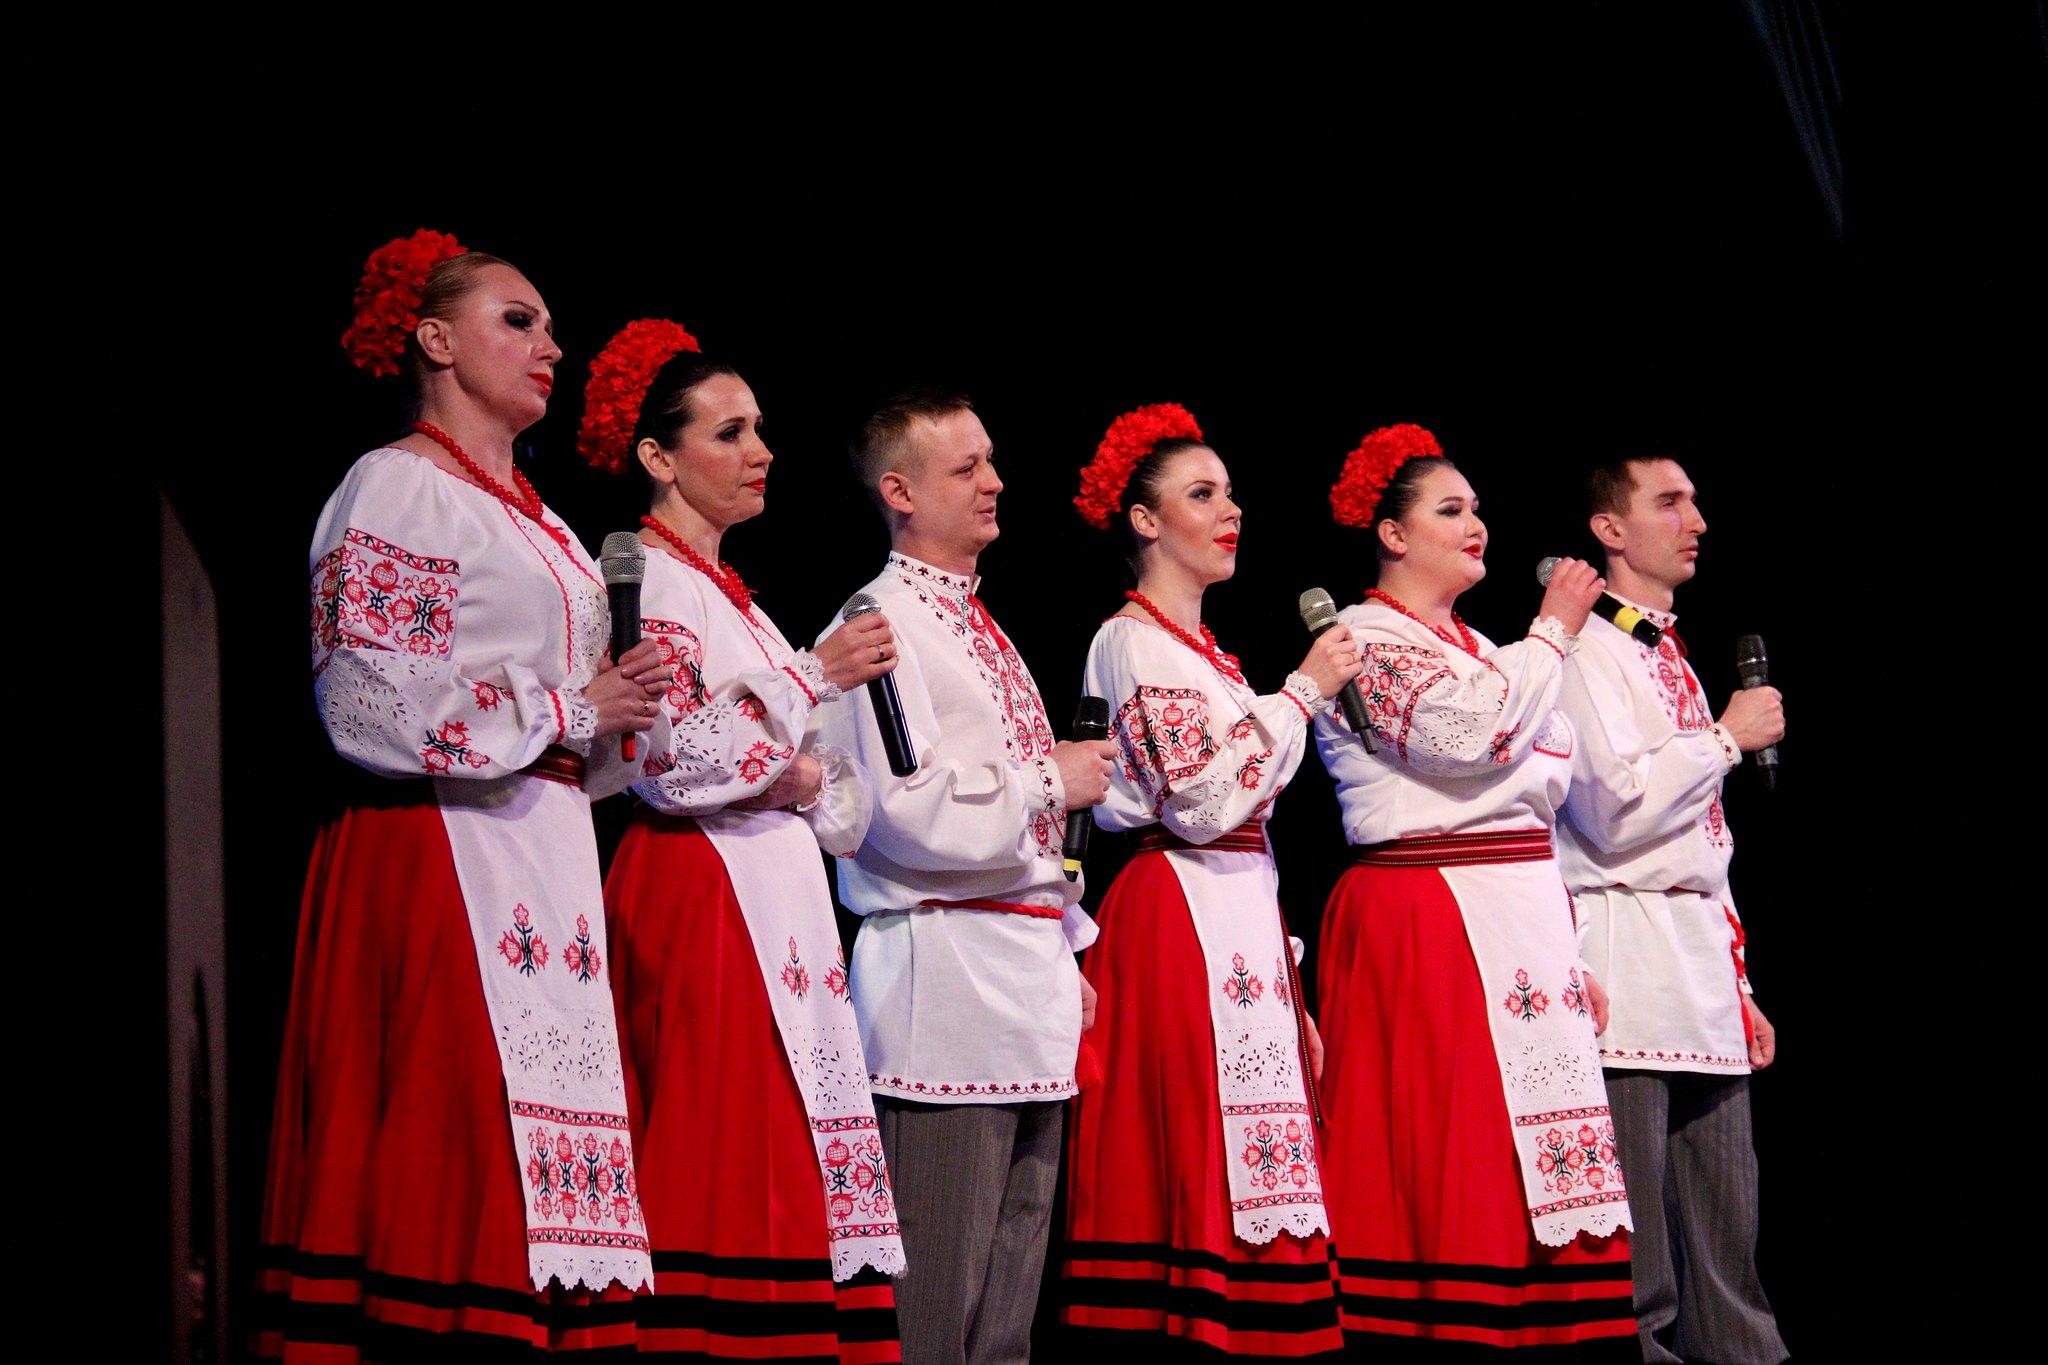 «Сіверські клейноди» – до 207-ї річниці від дня народження Тараса Шевченка (Фото)